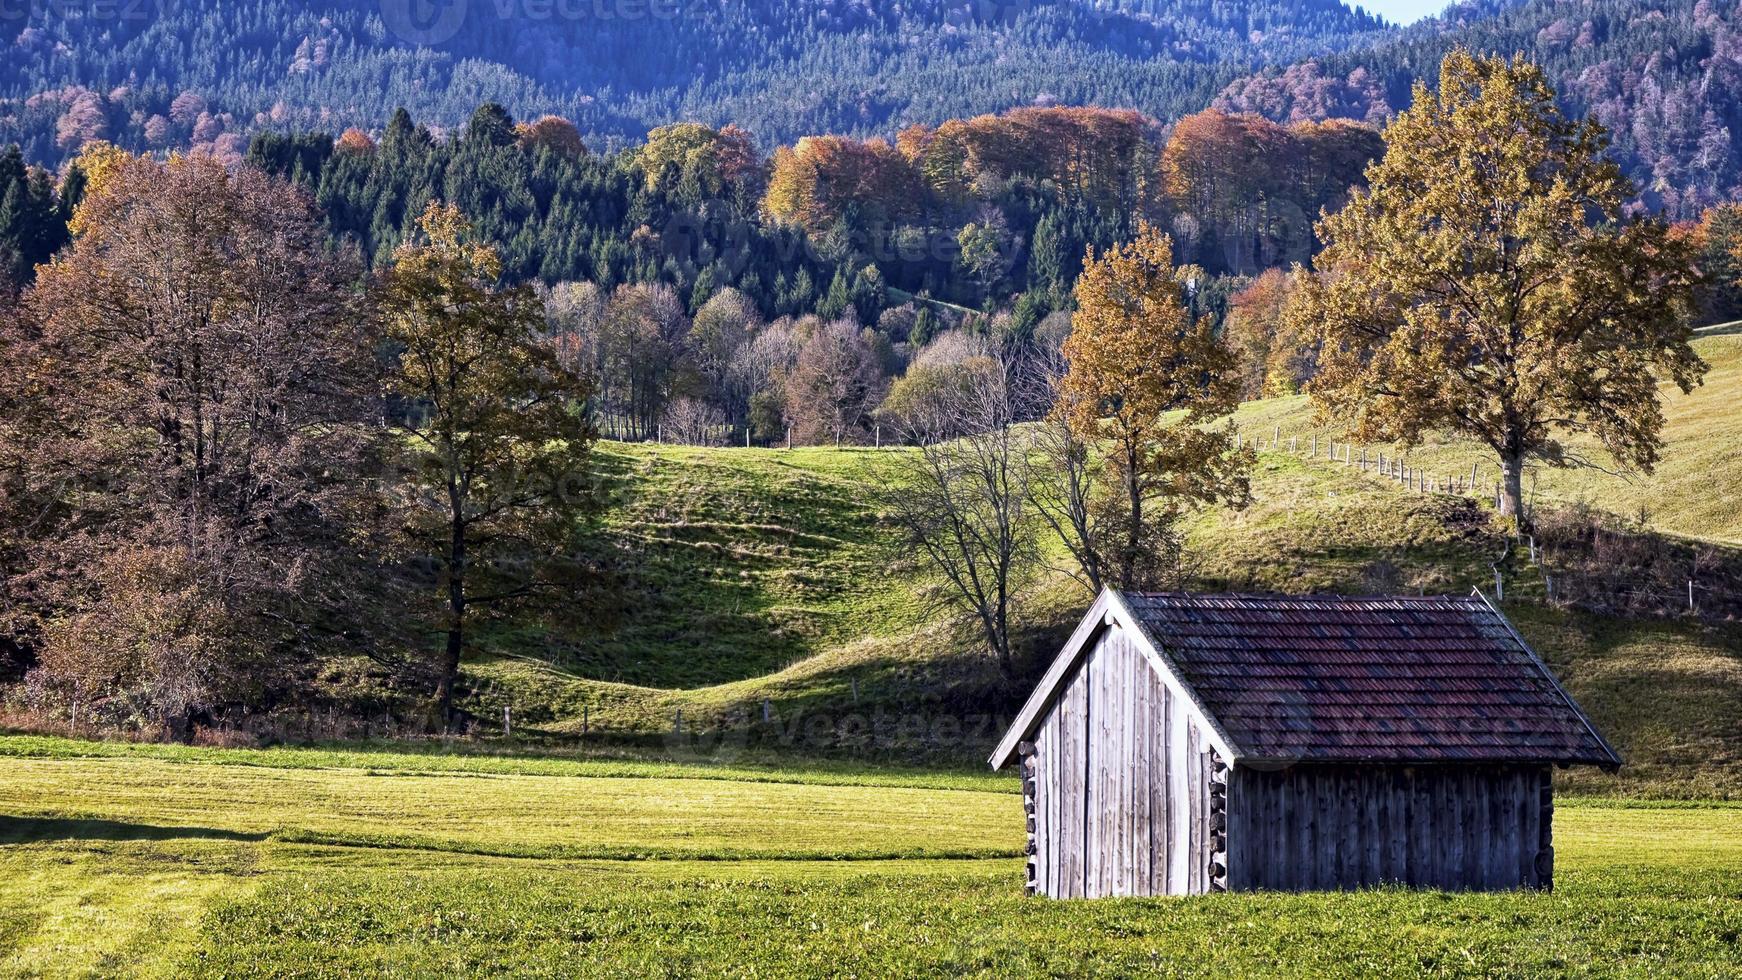 cabana de madeira foto